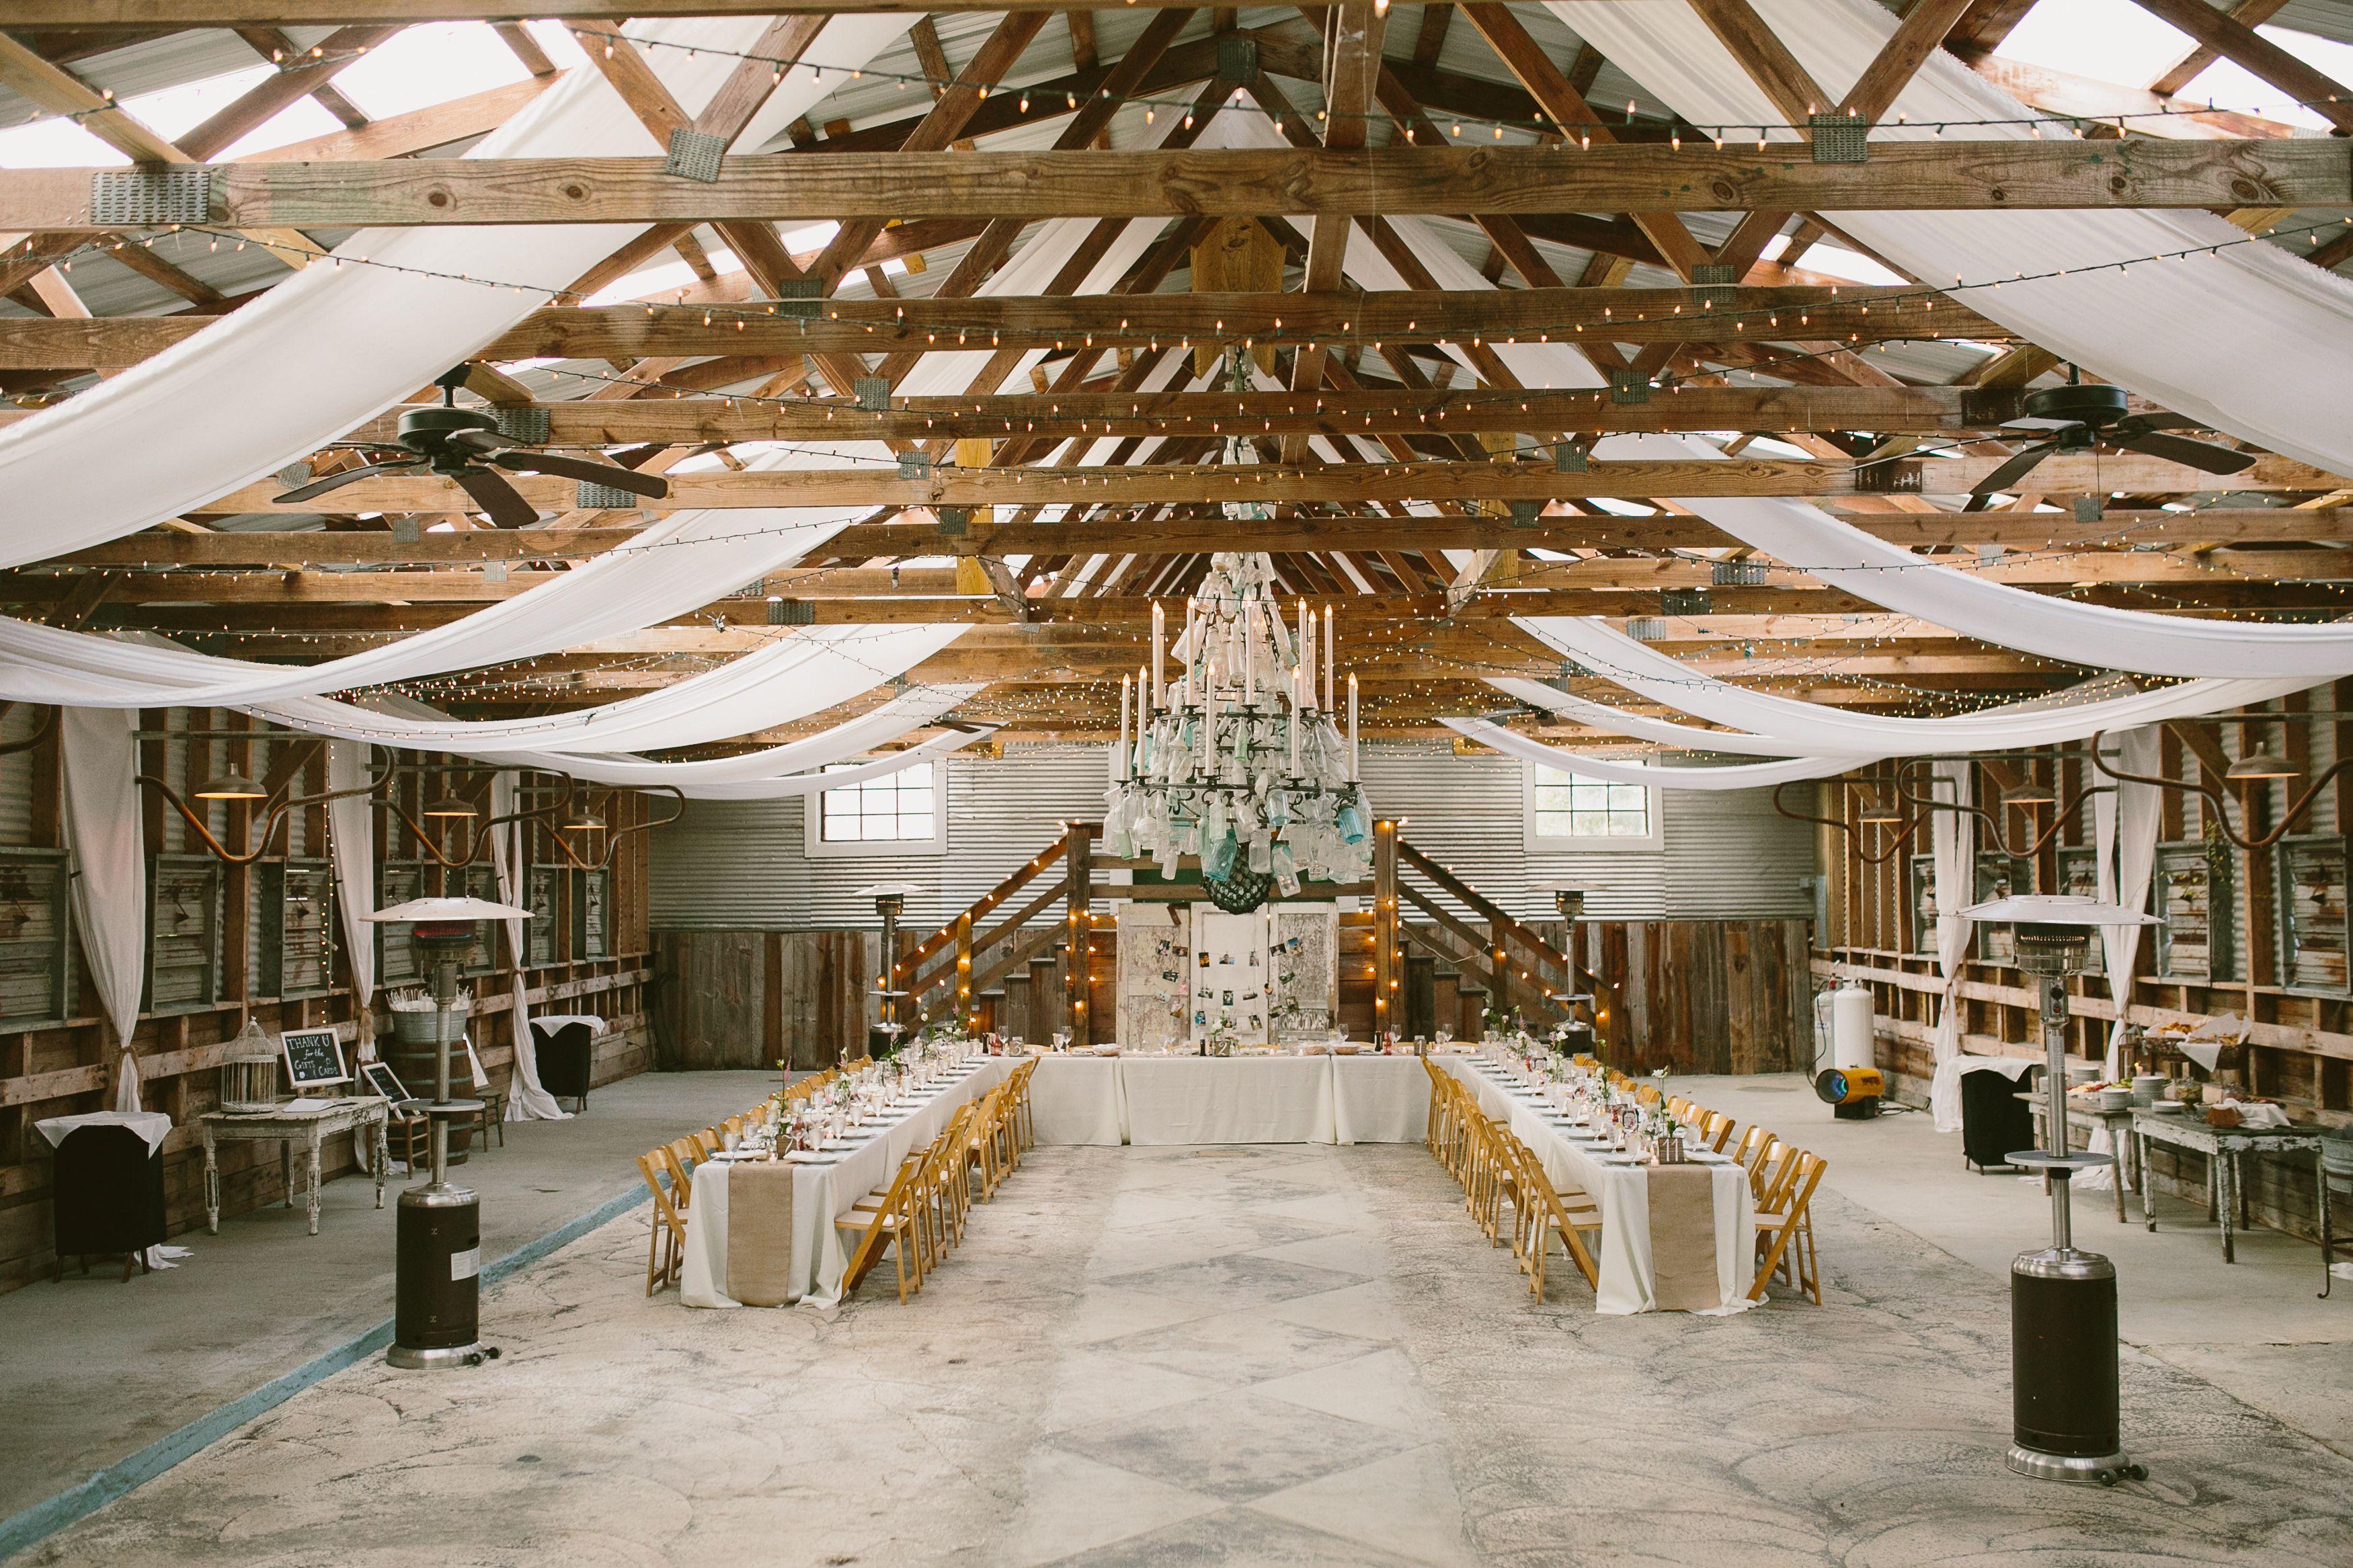 Wedding decorations barn  Sinkland Farms Barn Wedding Reception  Jimmys and Amys wedding